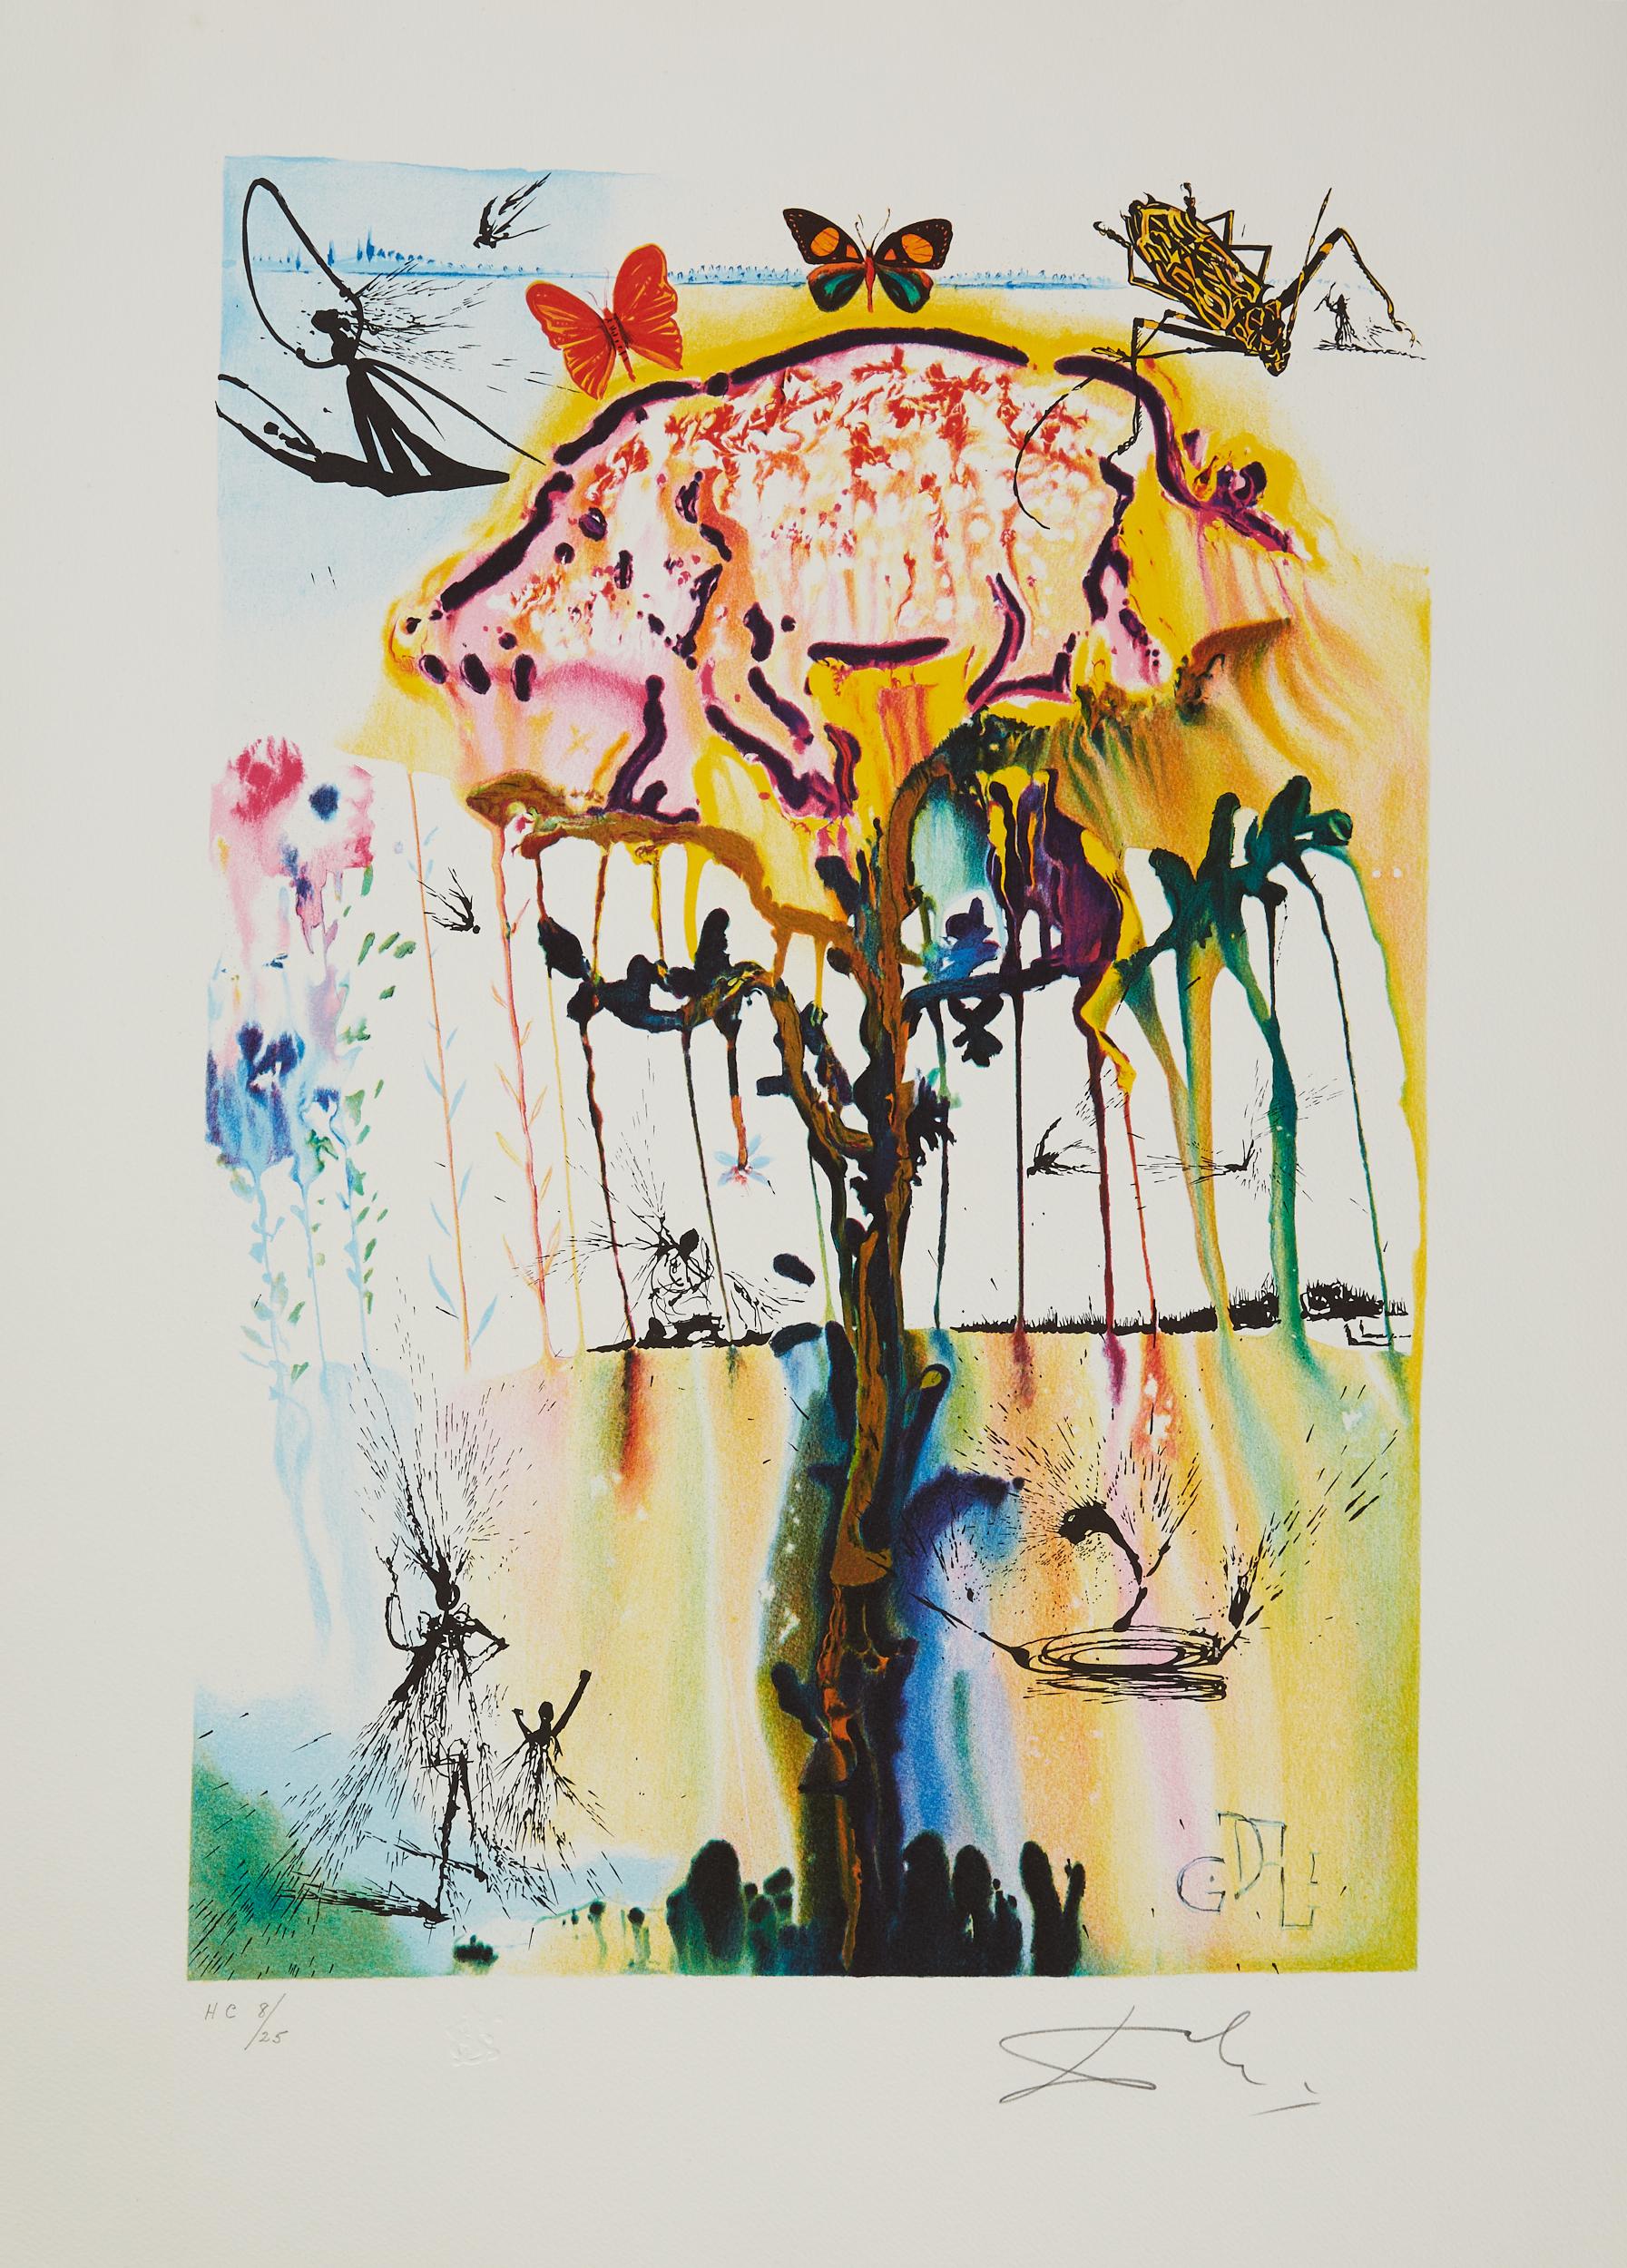 Lot 48 - 4 After Salvador Dali Alice in Wonderland Color Lithographs